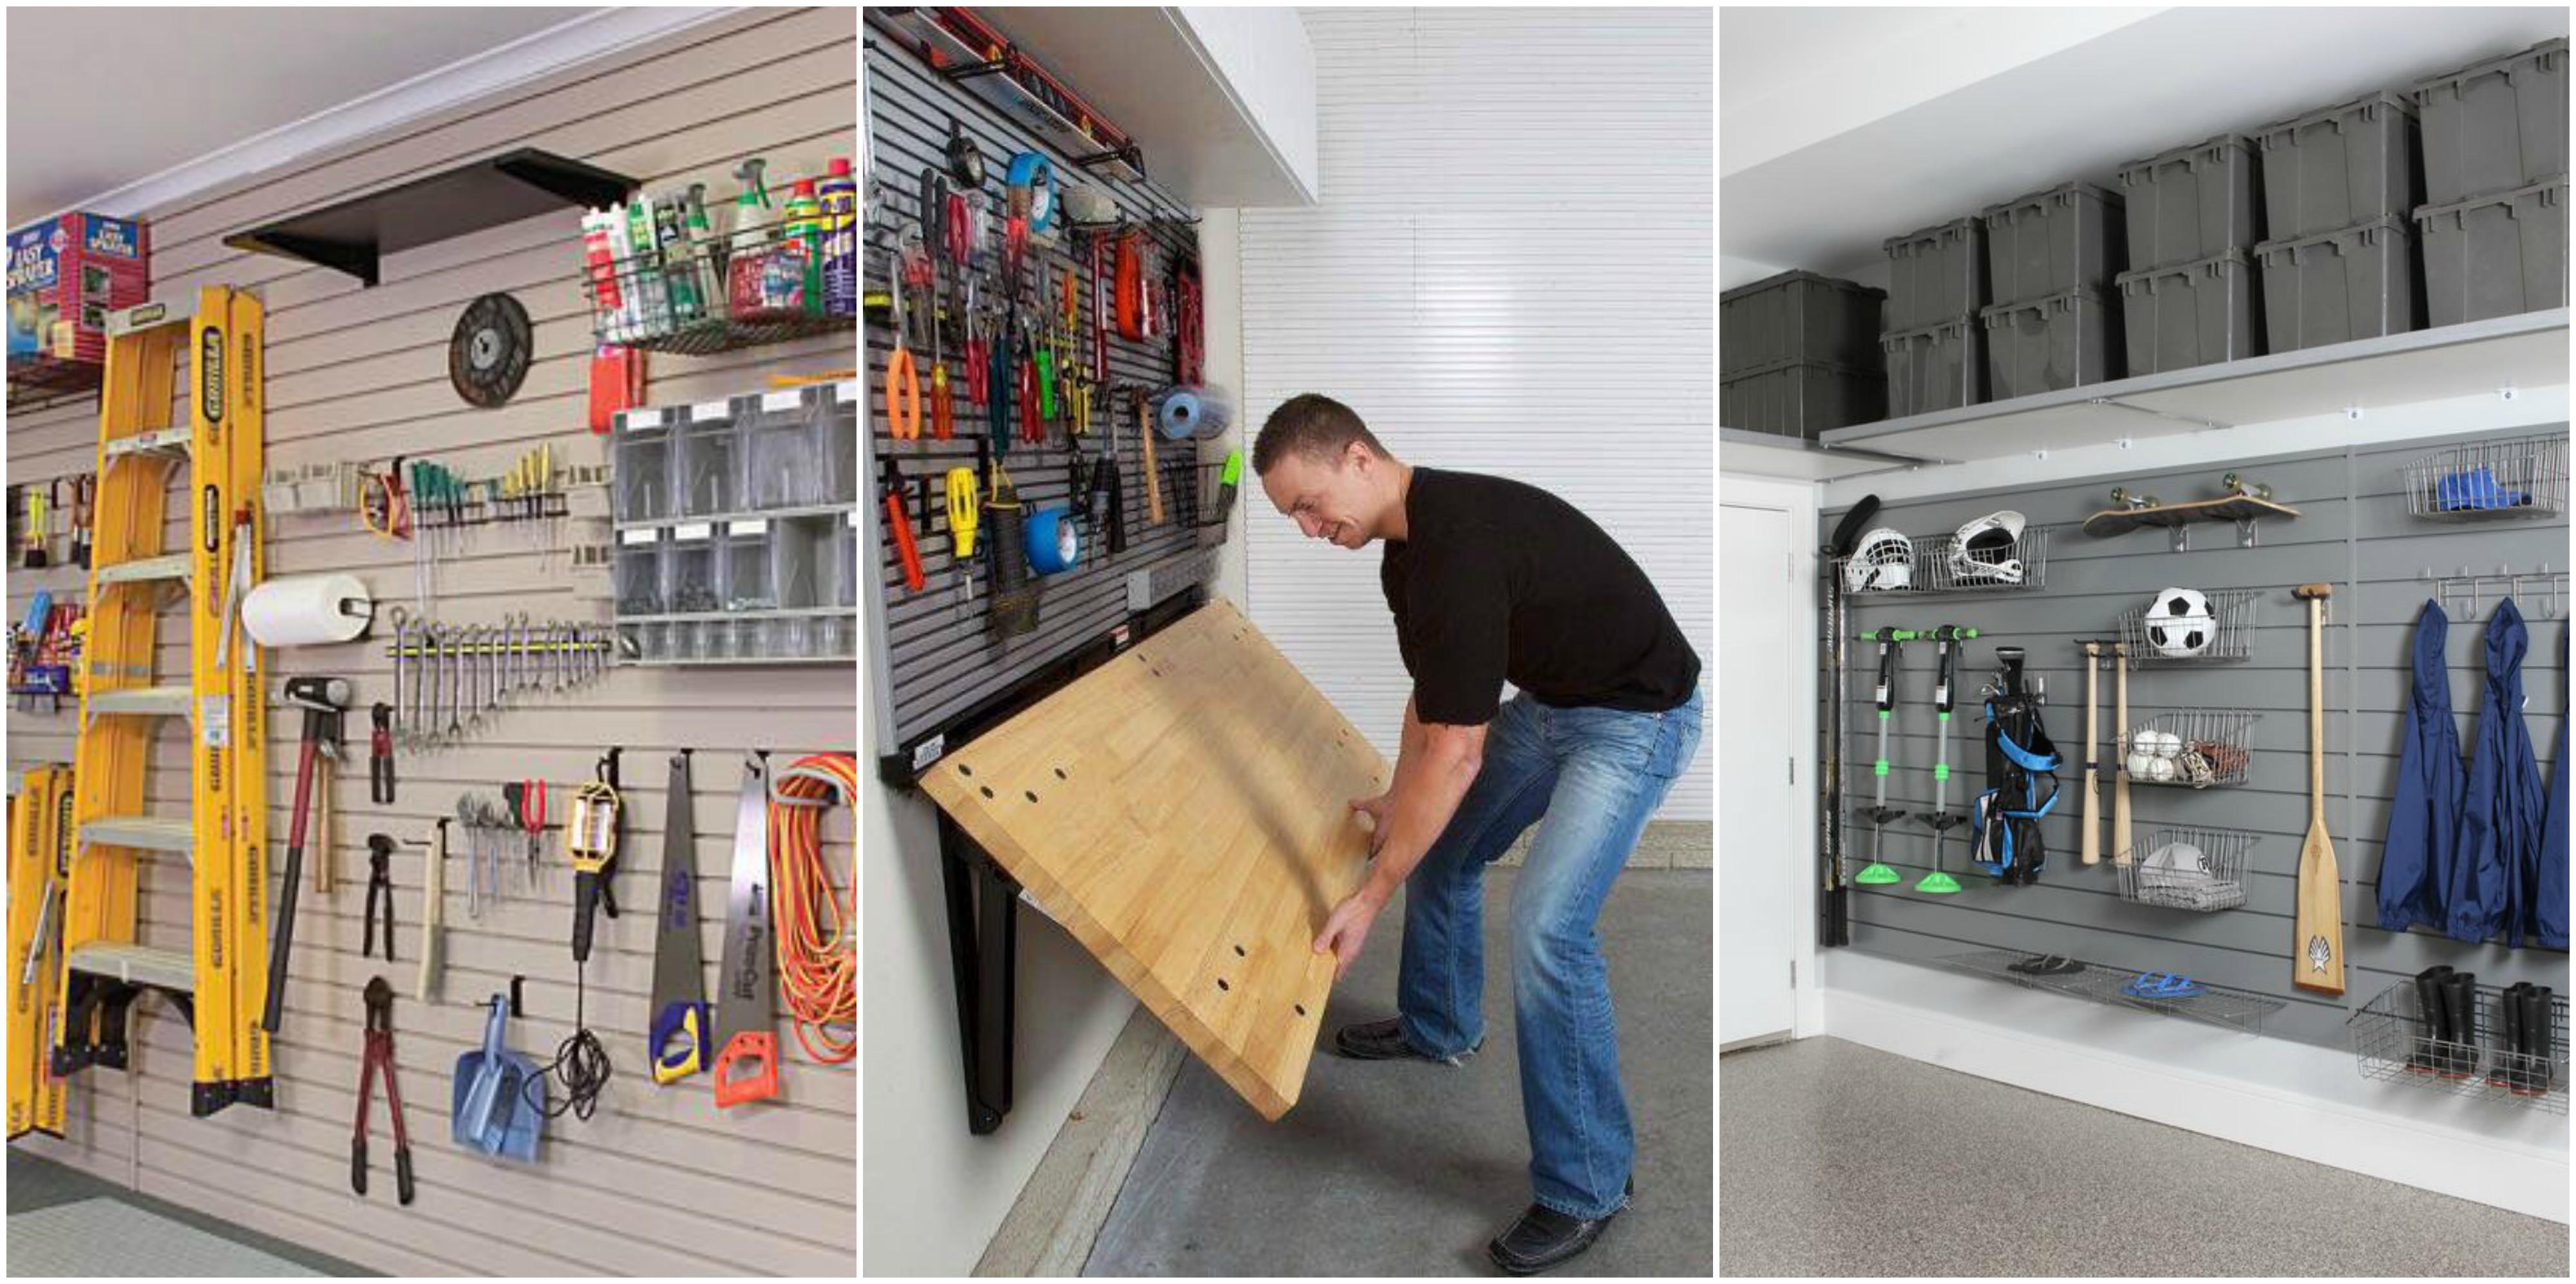 Relativ 15 platzsparende Ideen für eure Garage :) - nettetipps.de CJ25